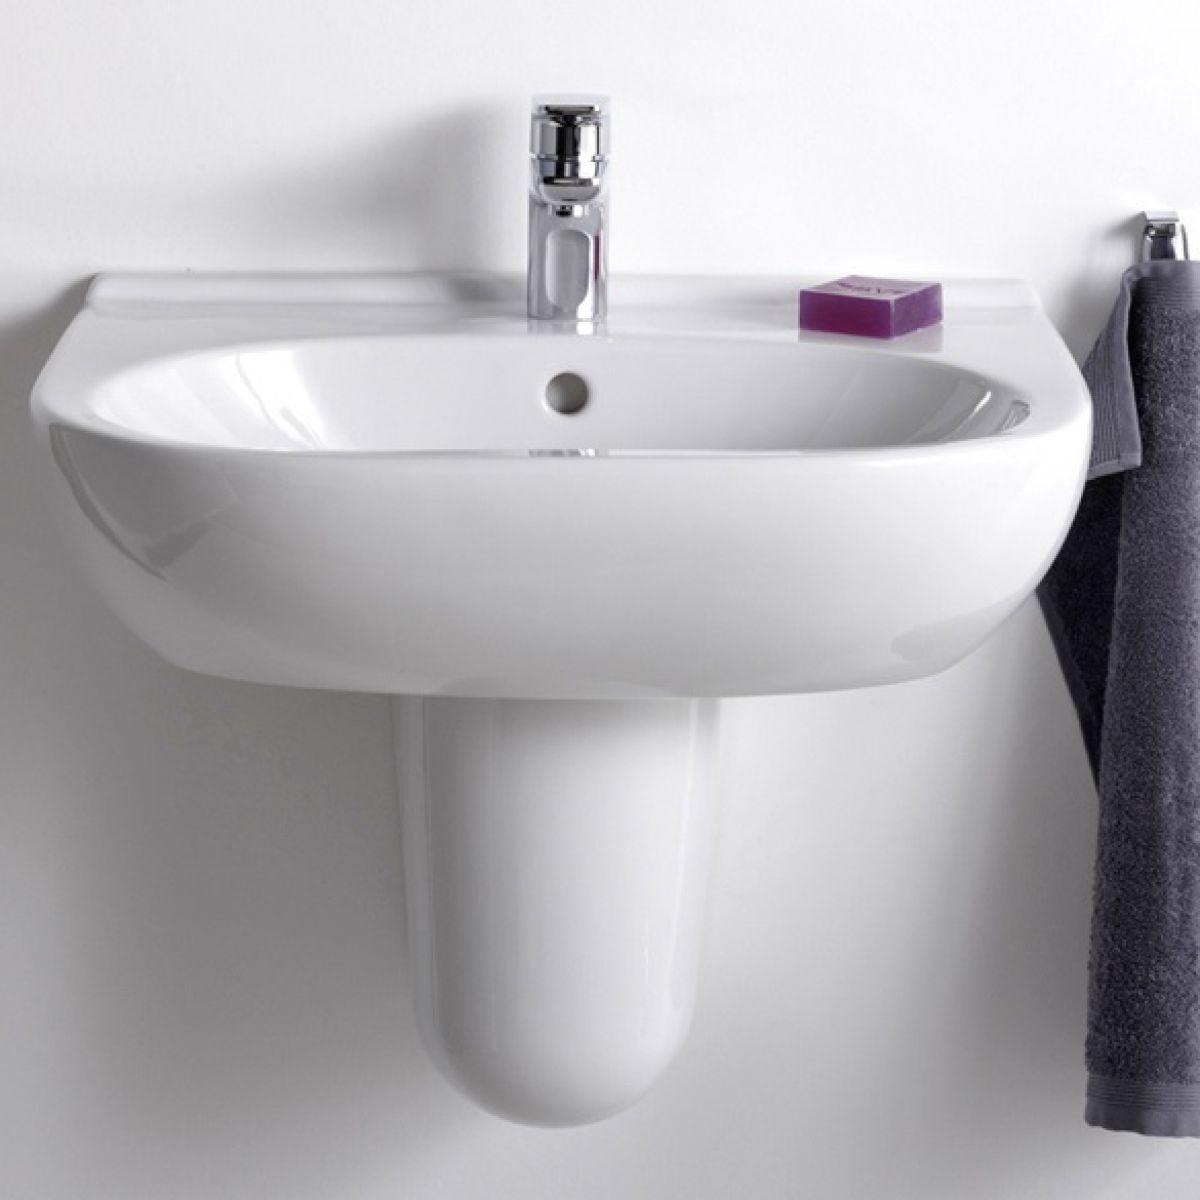 villeroy boch o novo short projection washbasin uk bathrooms. Black Bedroom Furniture Sets. Home Design Ideas